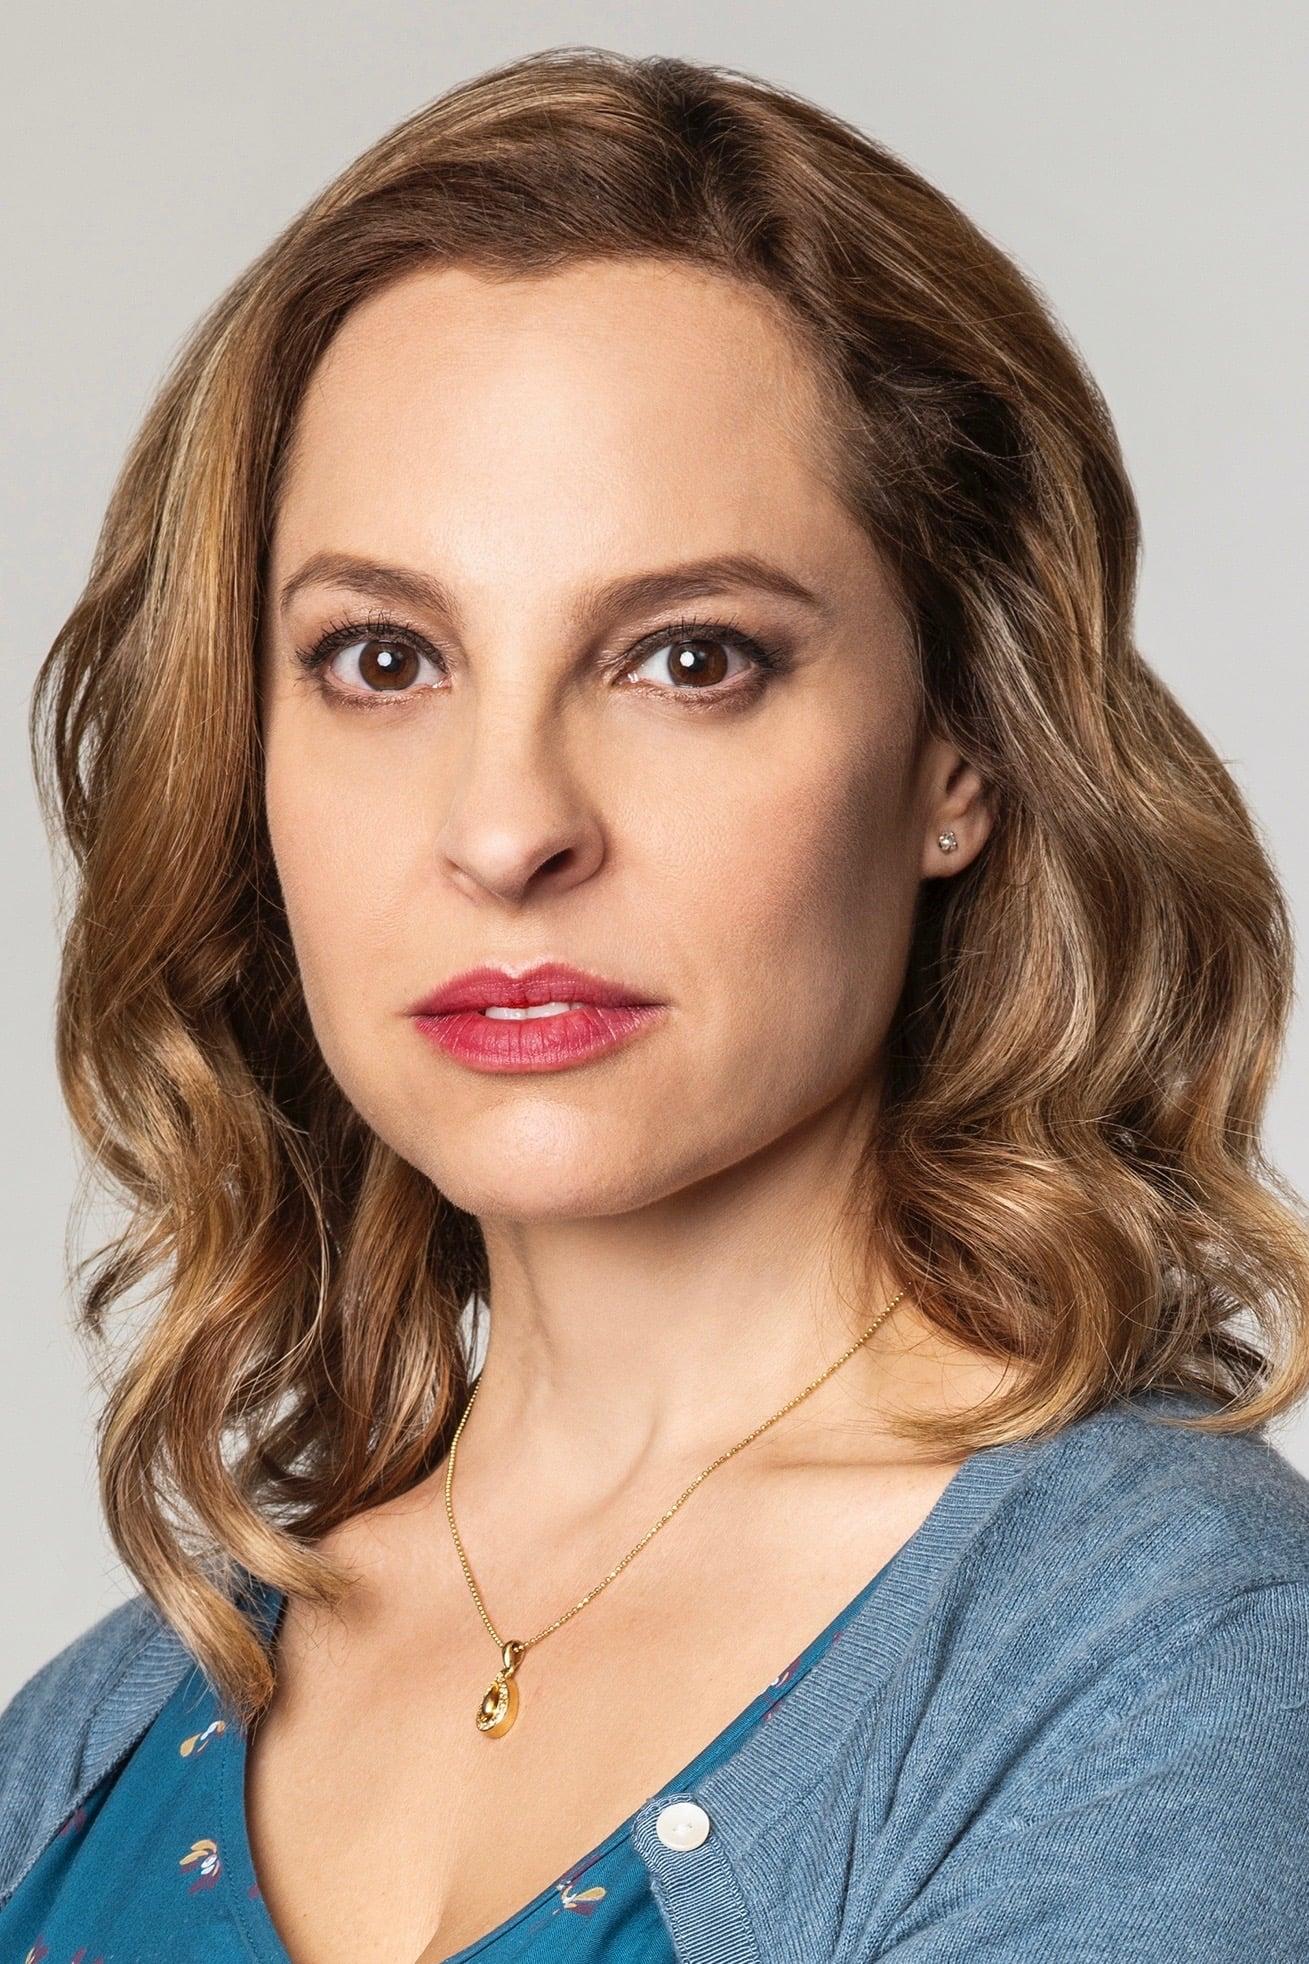 Marina de tavira for Diva sofia streaming